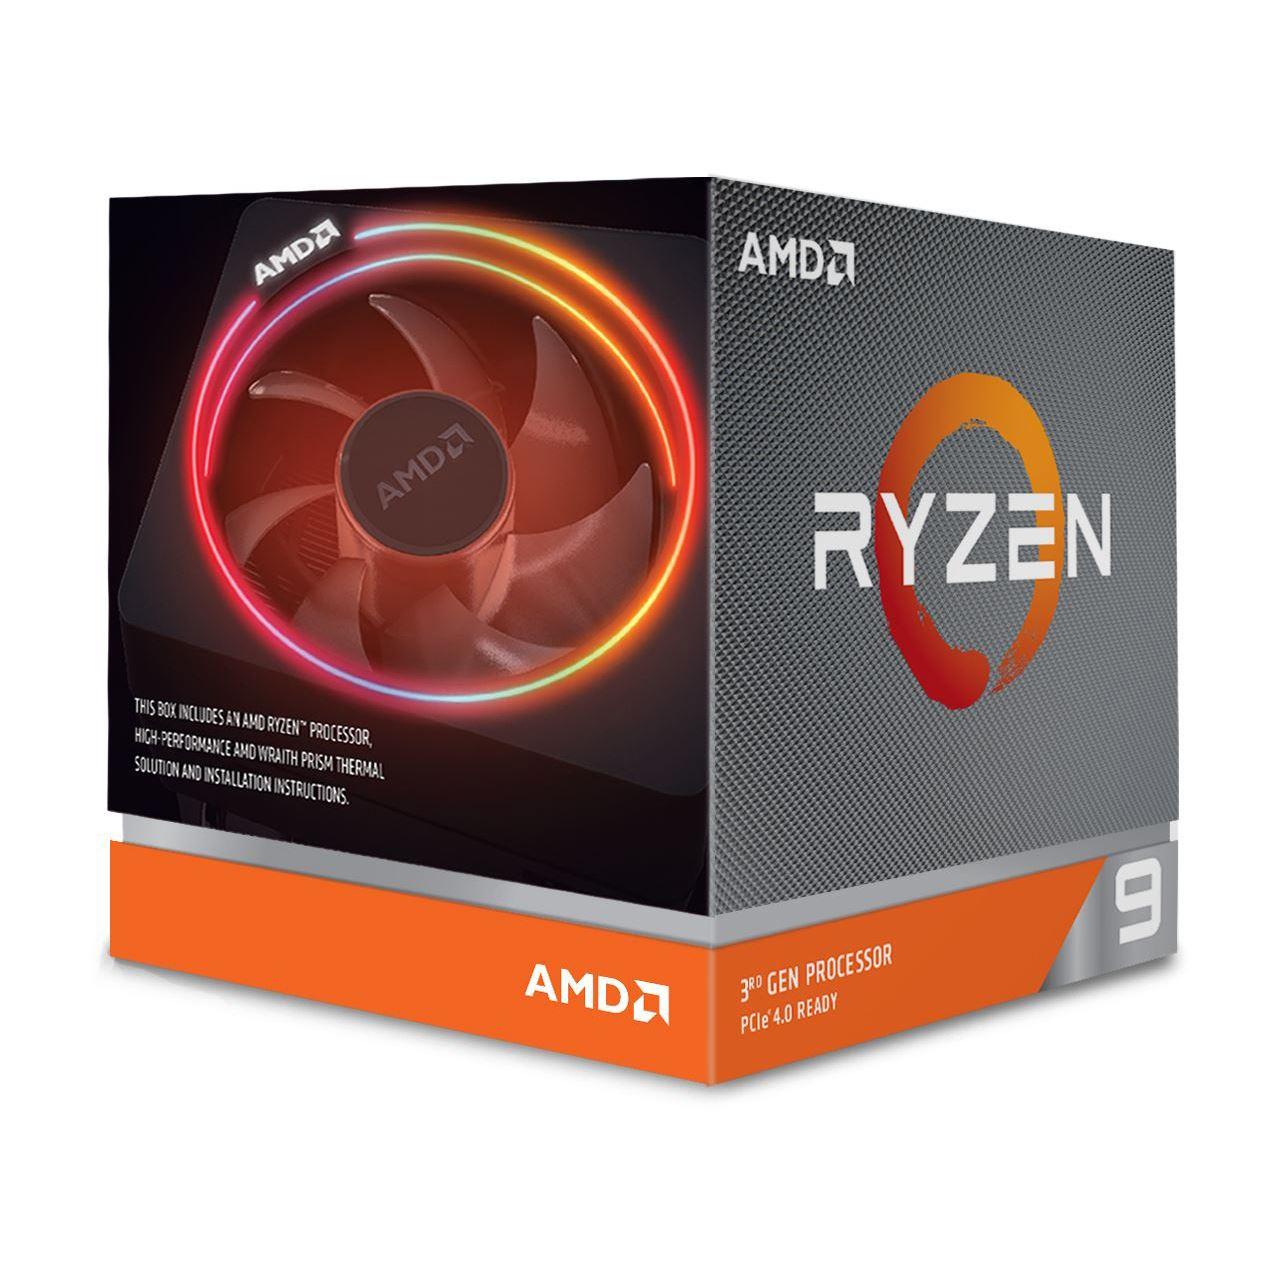 [MINDFACTORY] AMD Ryzen 9 3900X, 12C/24T, 3.80-4.60GHz, boxed (ab 0:00 Uhr Versandkostenfrei)